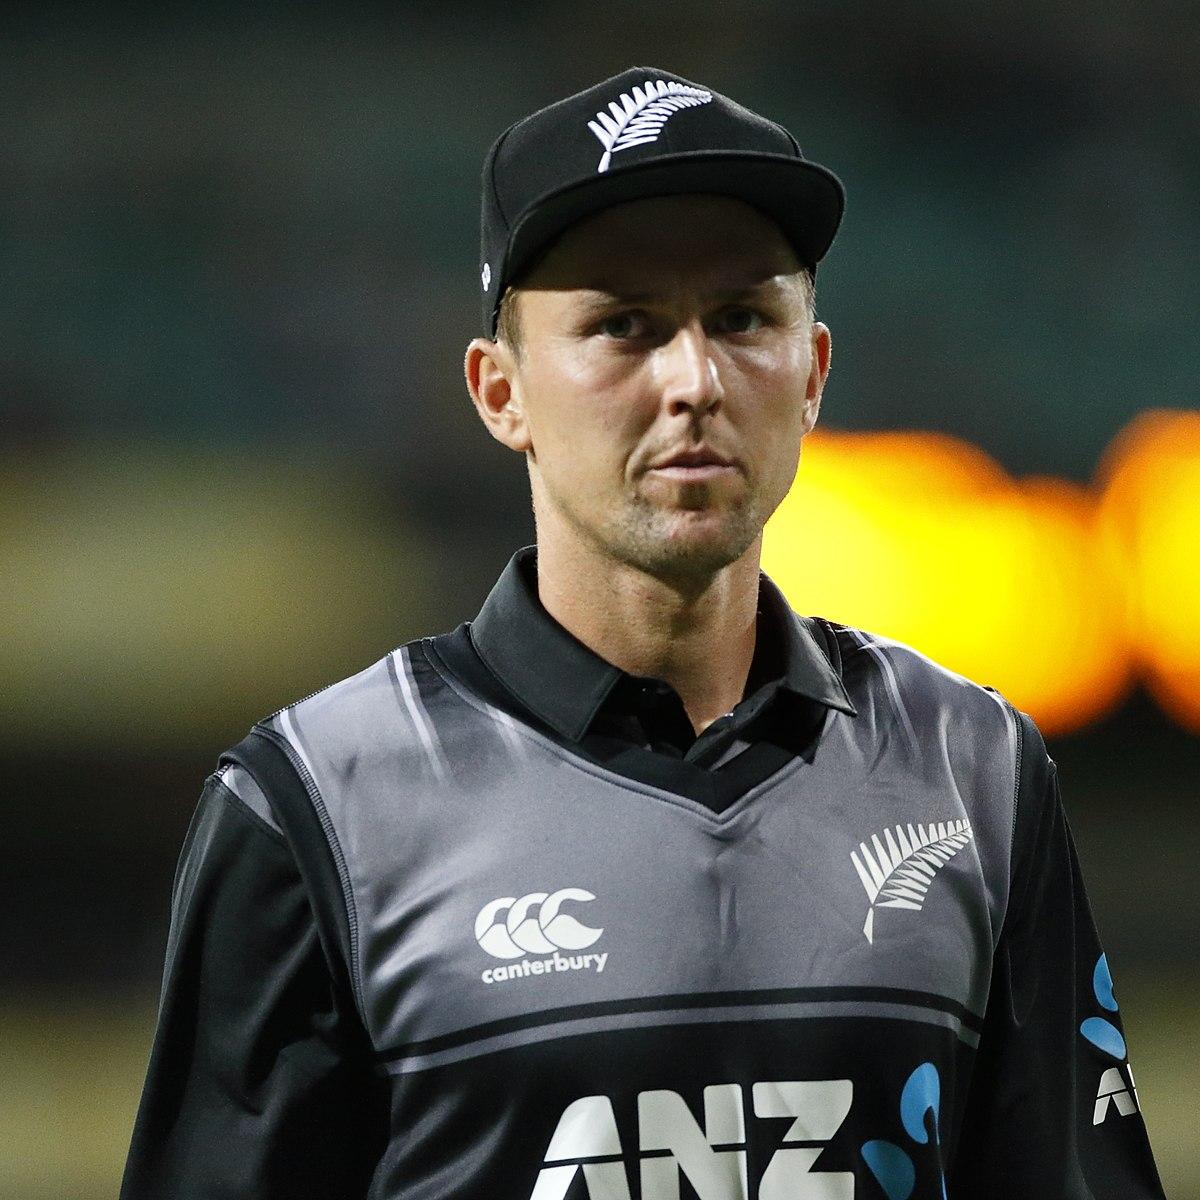 क्या ट्रेंट बोल्ट नहीं होंगे टेस्ट चैम्पियनशिप फाइनल का हिस्सा? लौटे भारत से सीधे स्वदेश 1